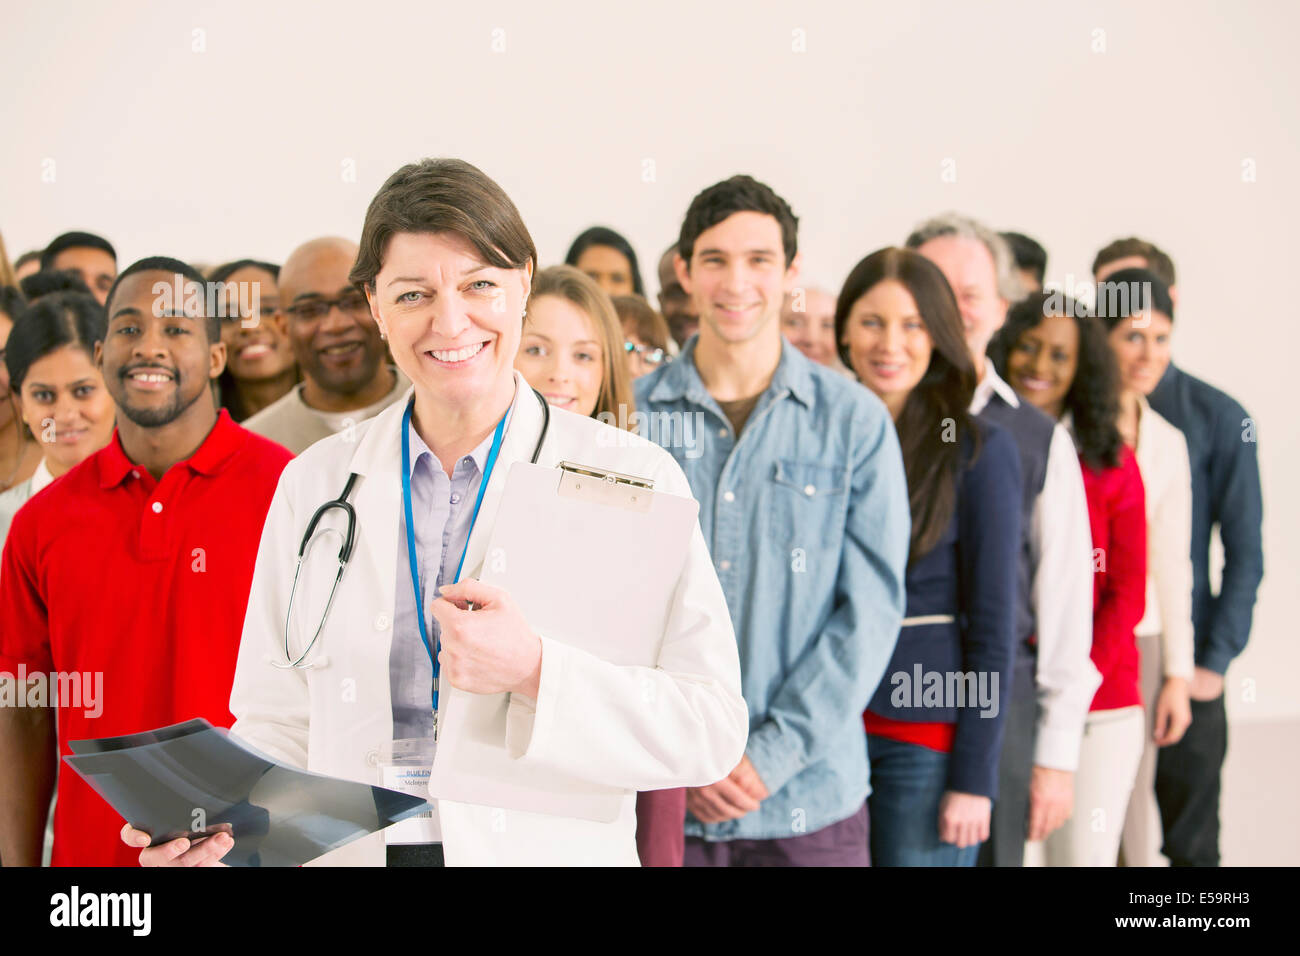 Multitud detrás de seguro médico Imagen De Stock